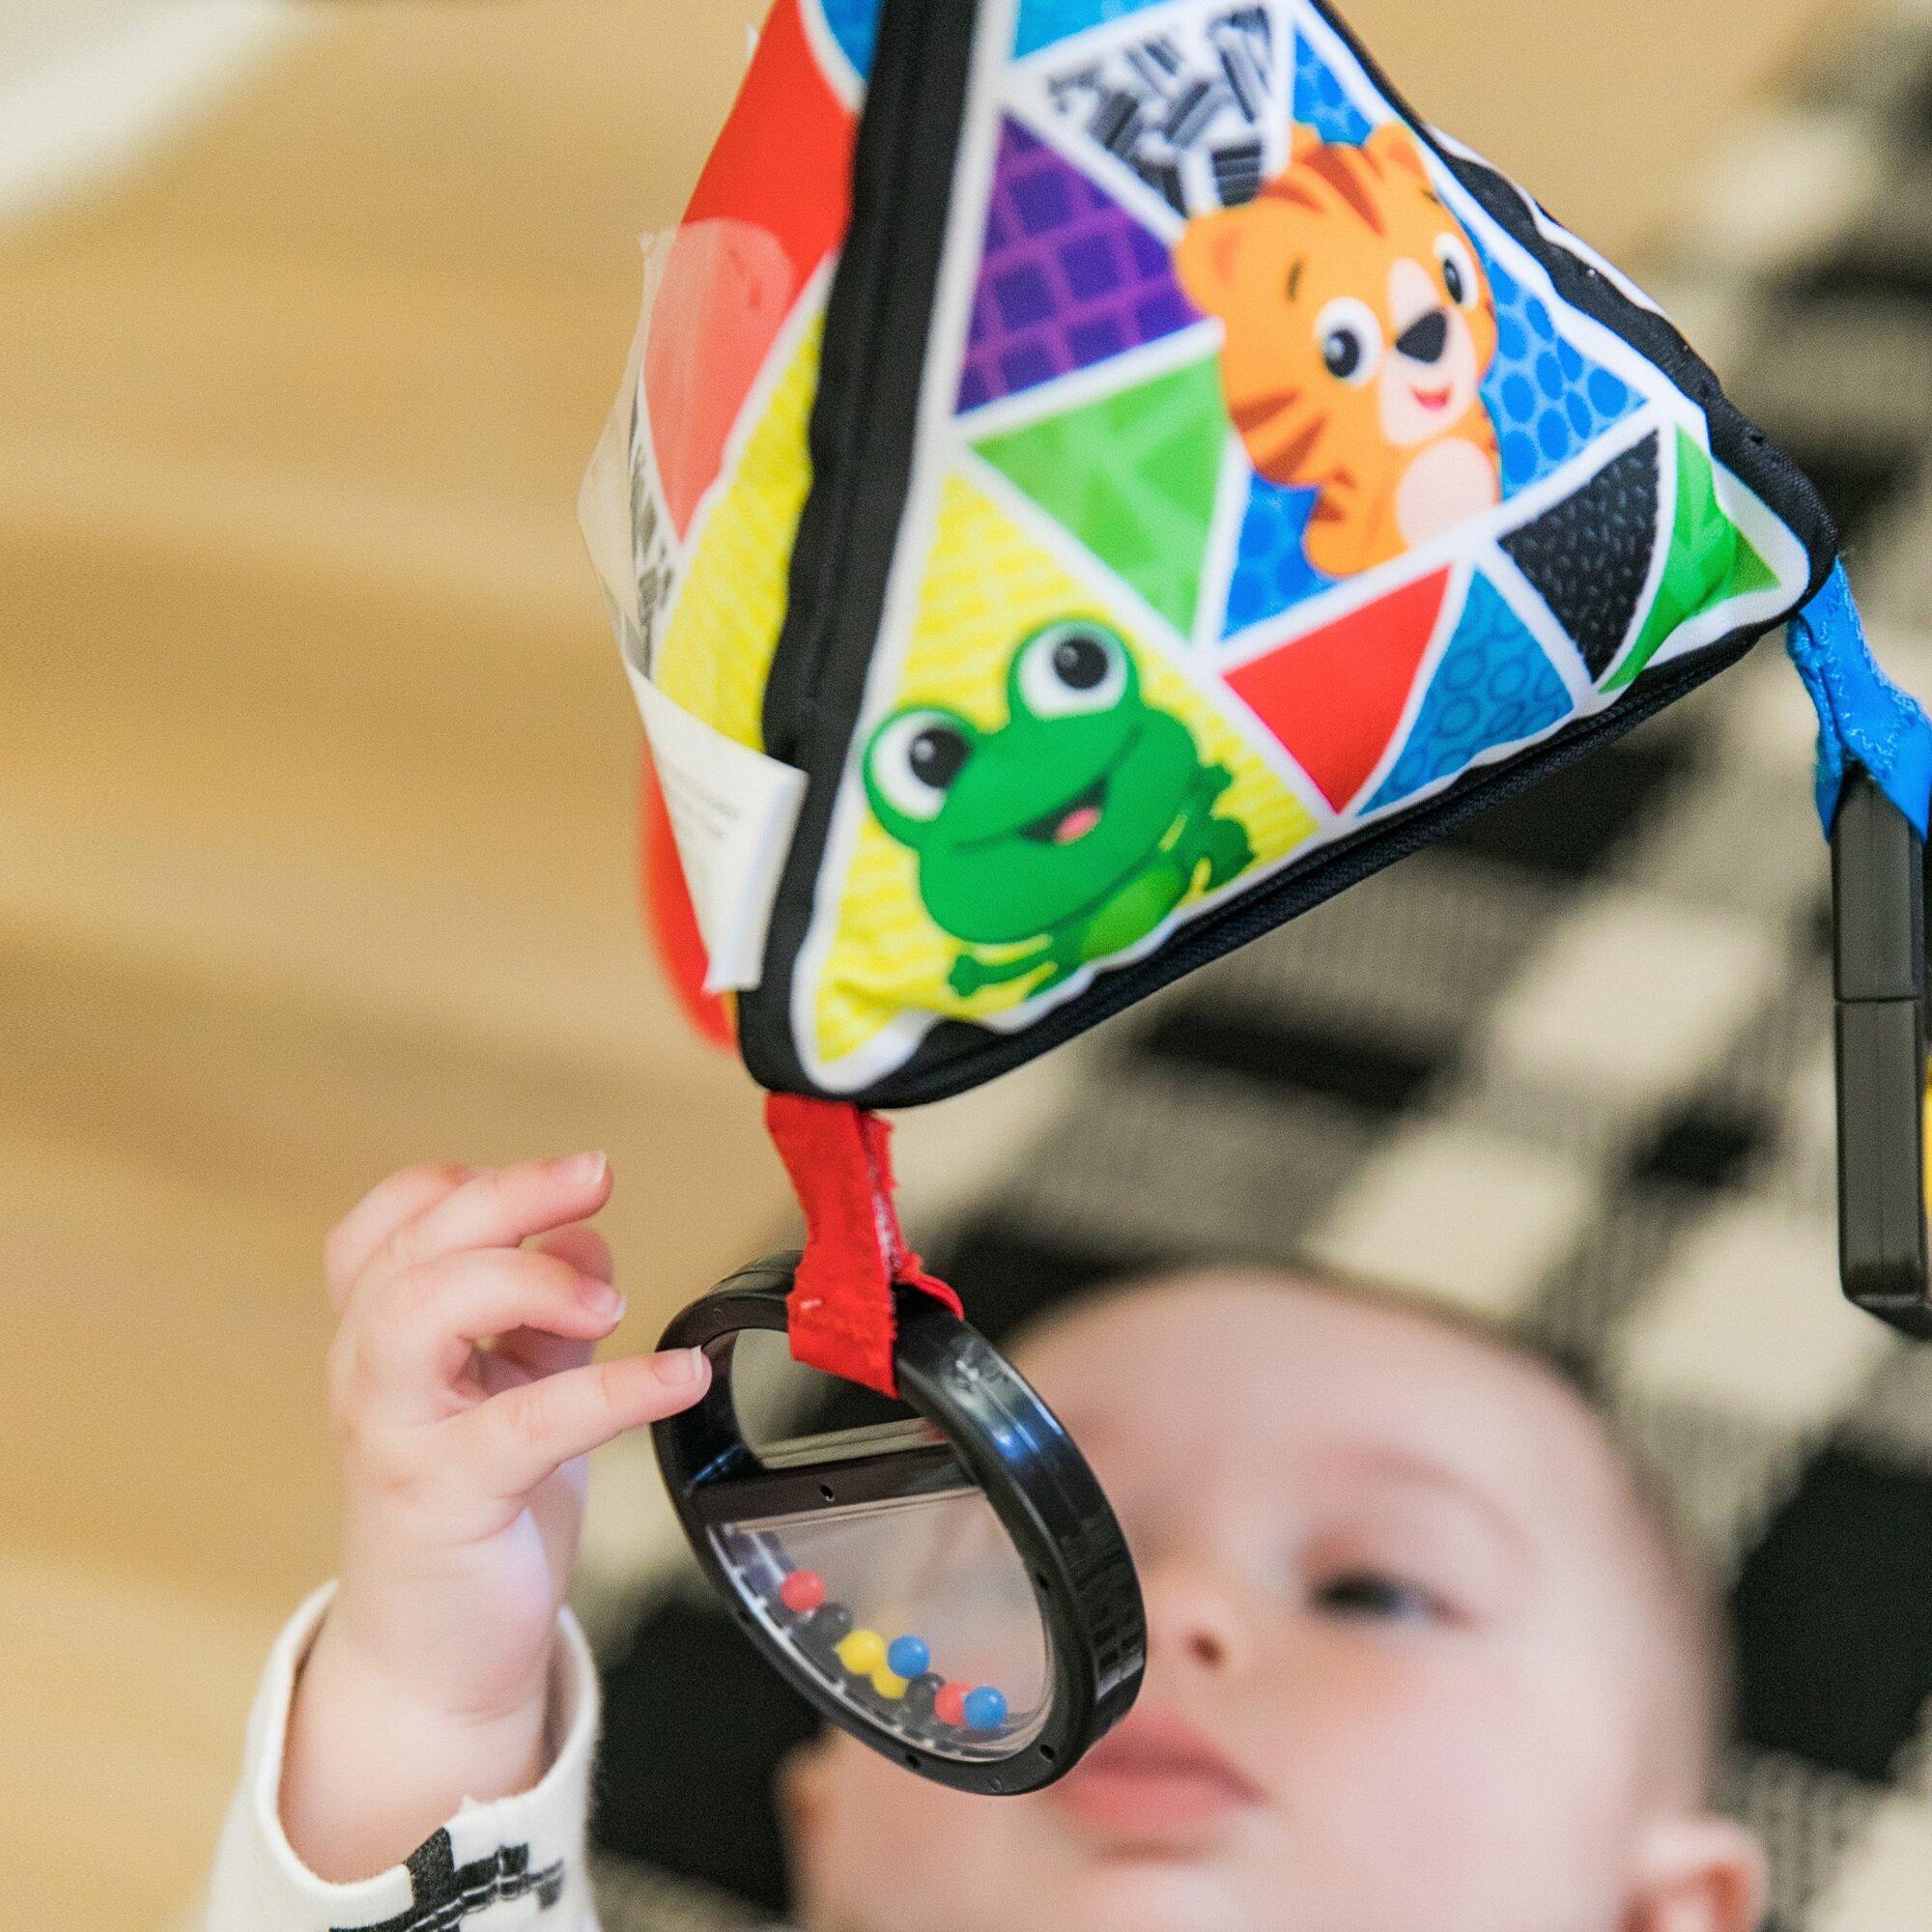 baby-einstein-hangespielzeug-playful-pyramid-